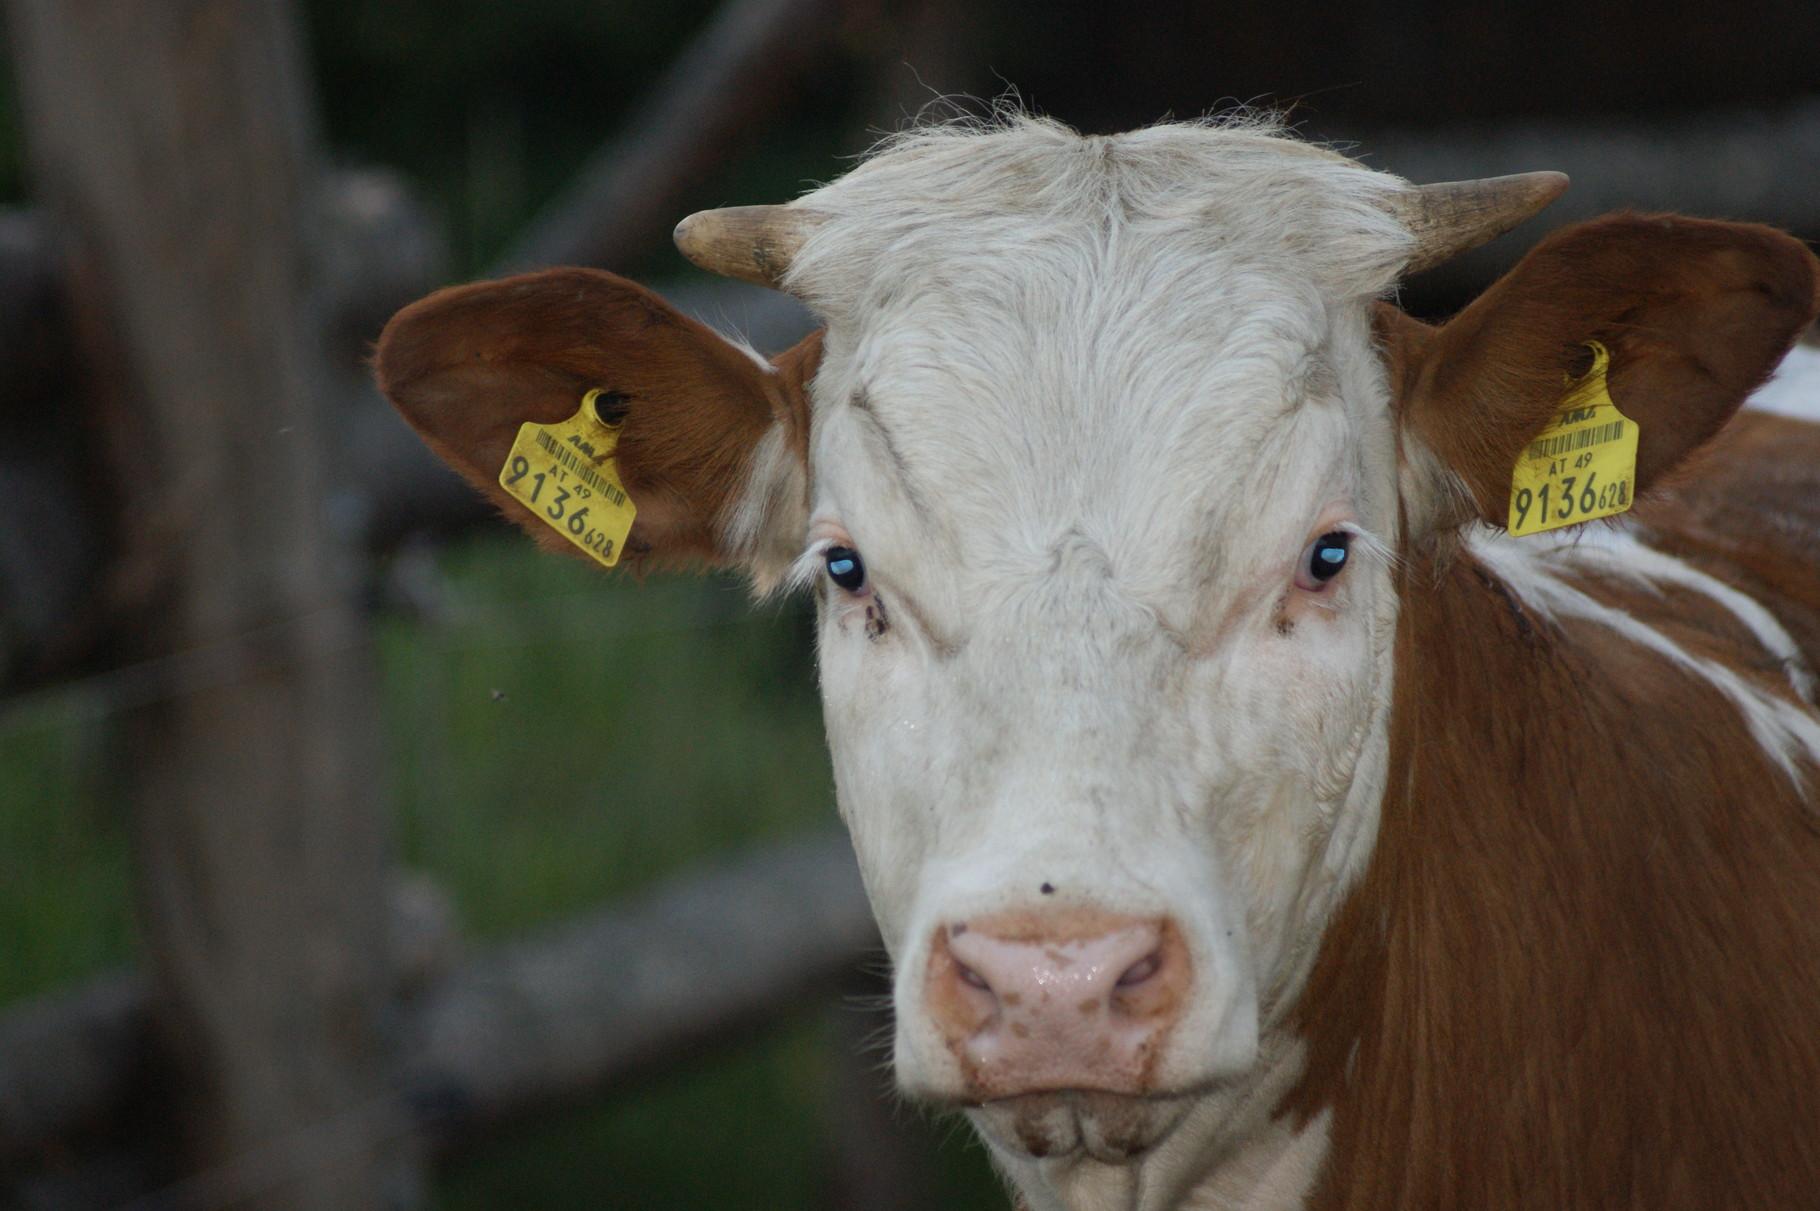 Unsere braven Rinder